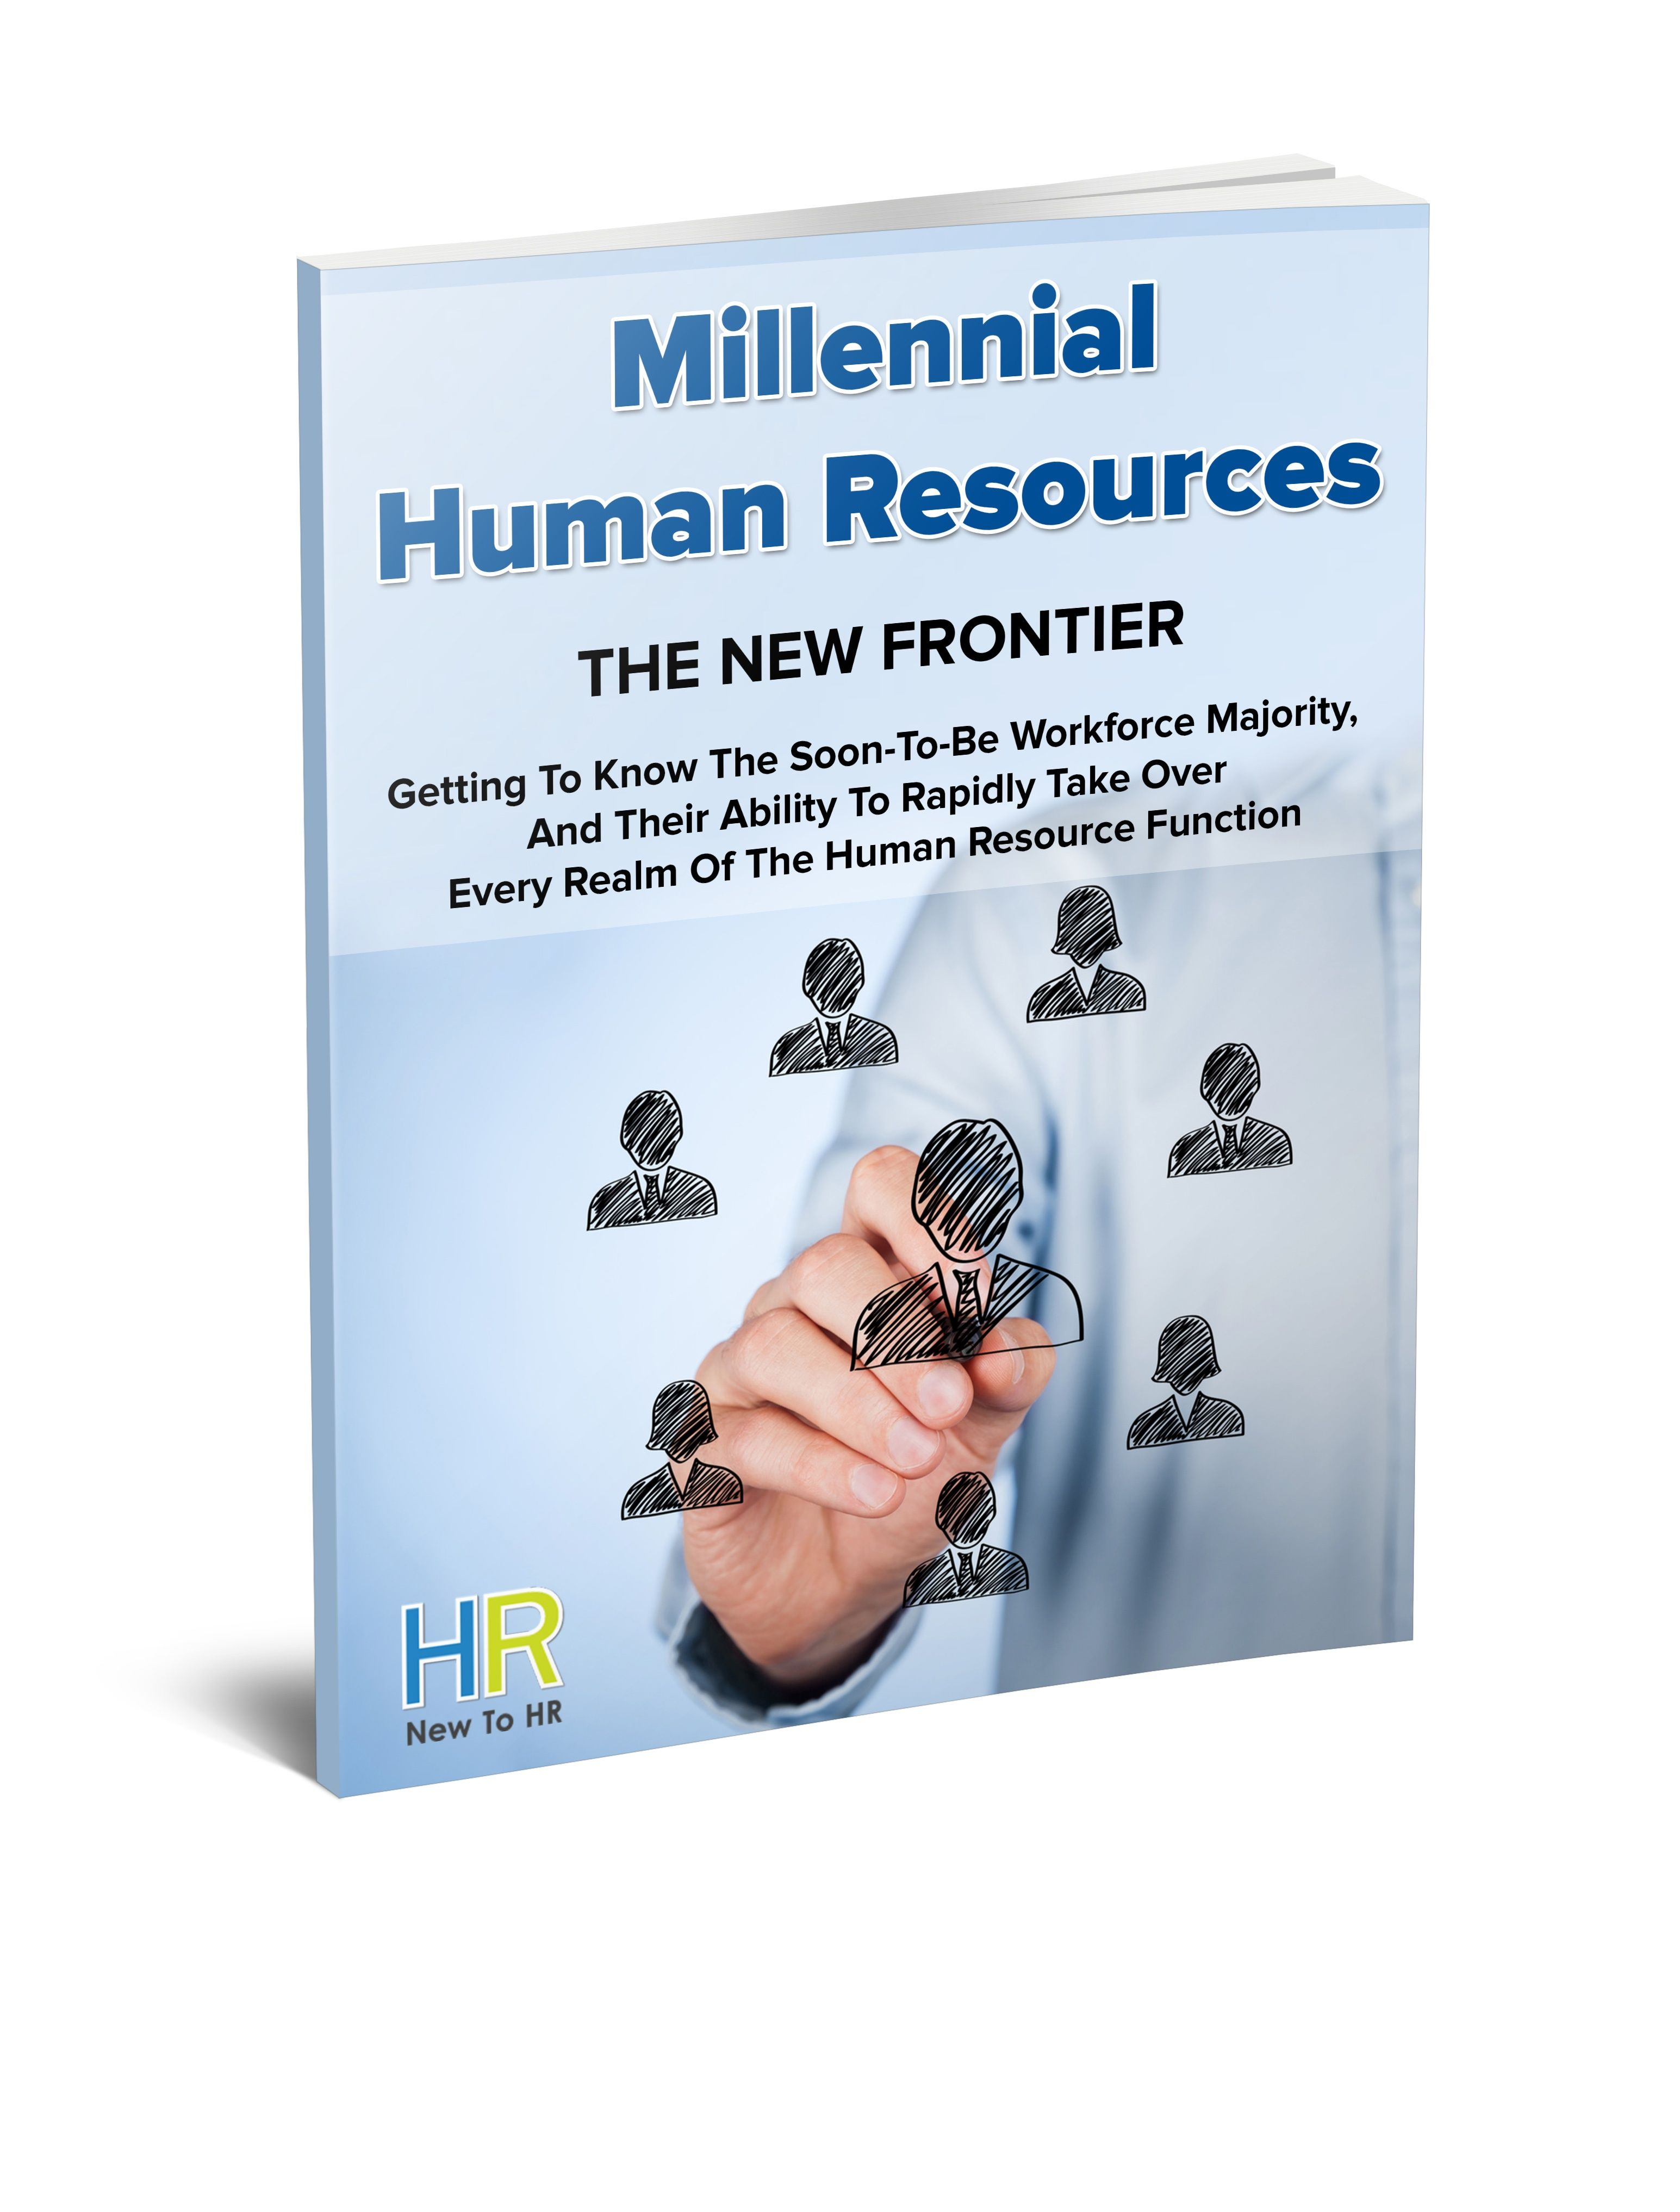 HR Millennial - New To HR Whitepaper